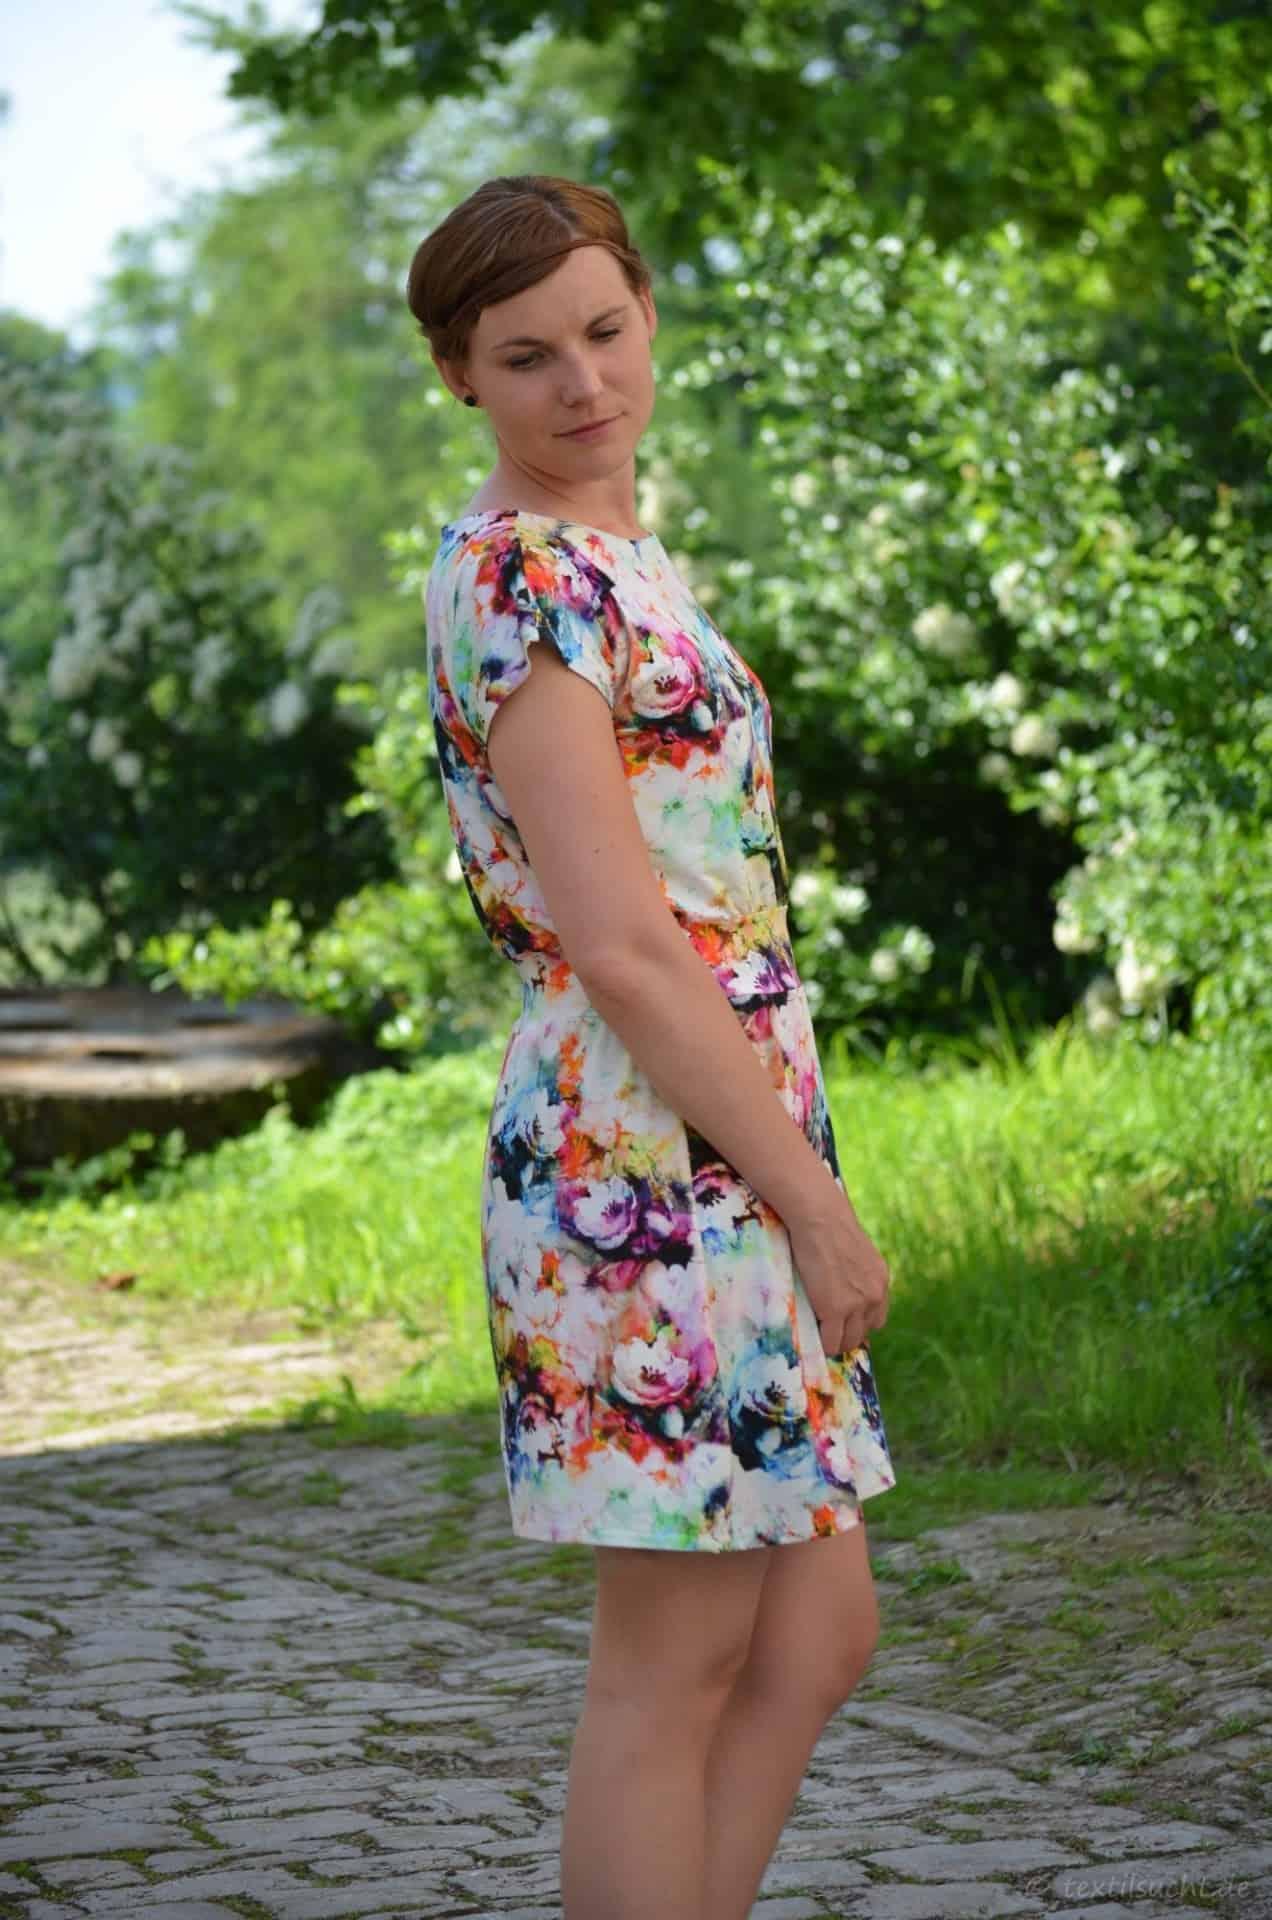 Lieblingskleid Federleicht: Schnittmuster Sommerkleid mit Bündchen - Bild 3